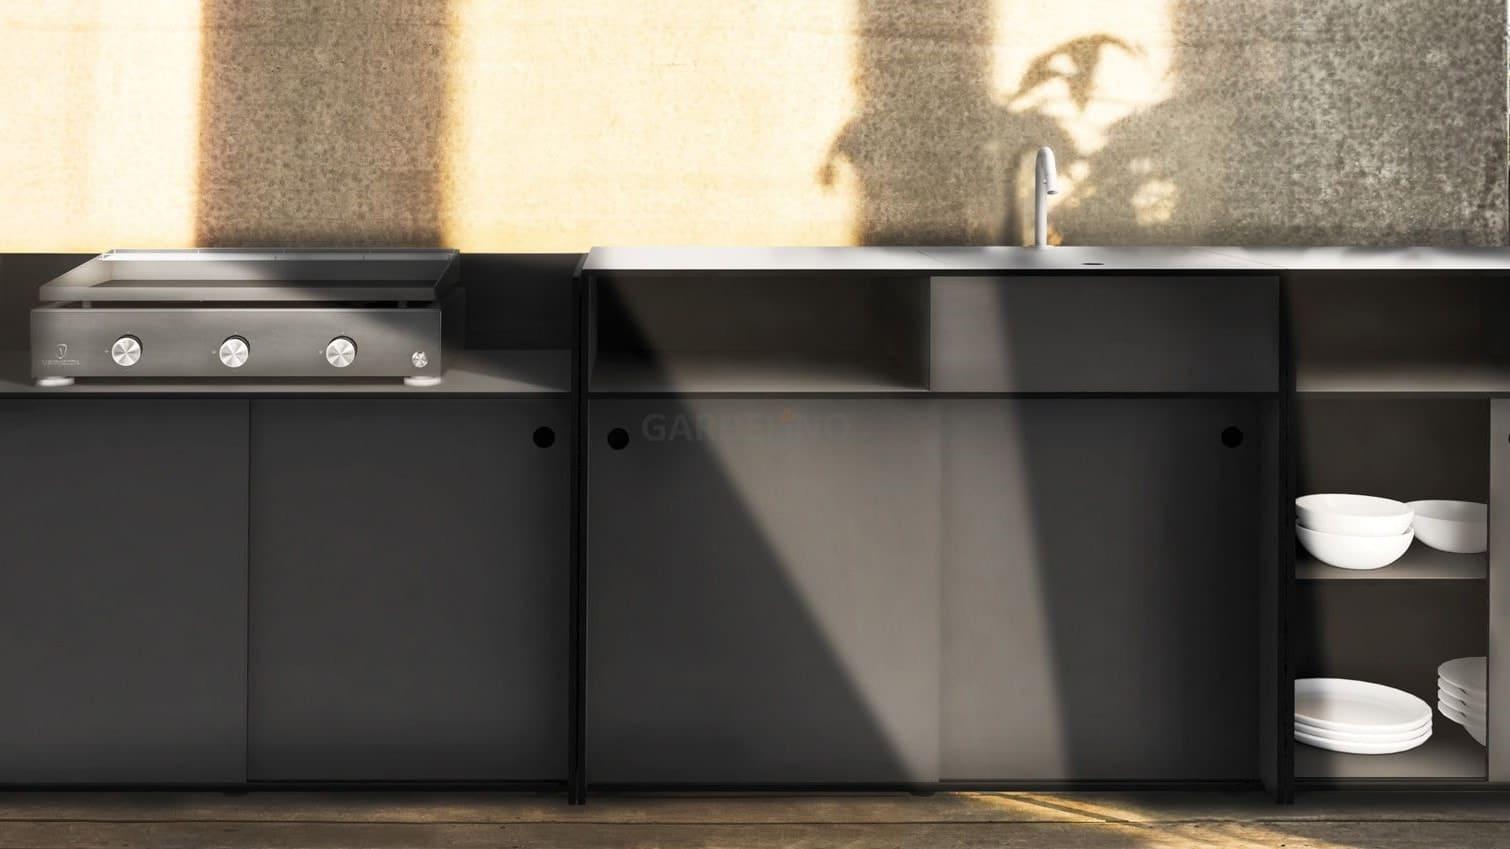 Outdoorküche Mit Spüle Kaufen : Conmoto outdoor küche jetzt bei gardelino!